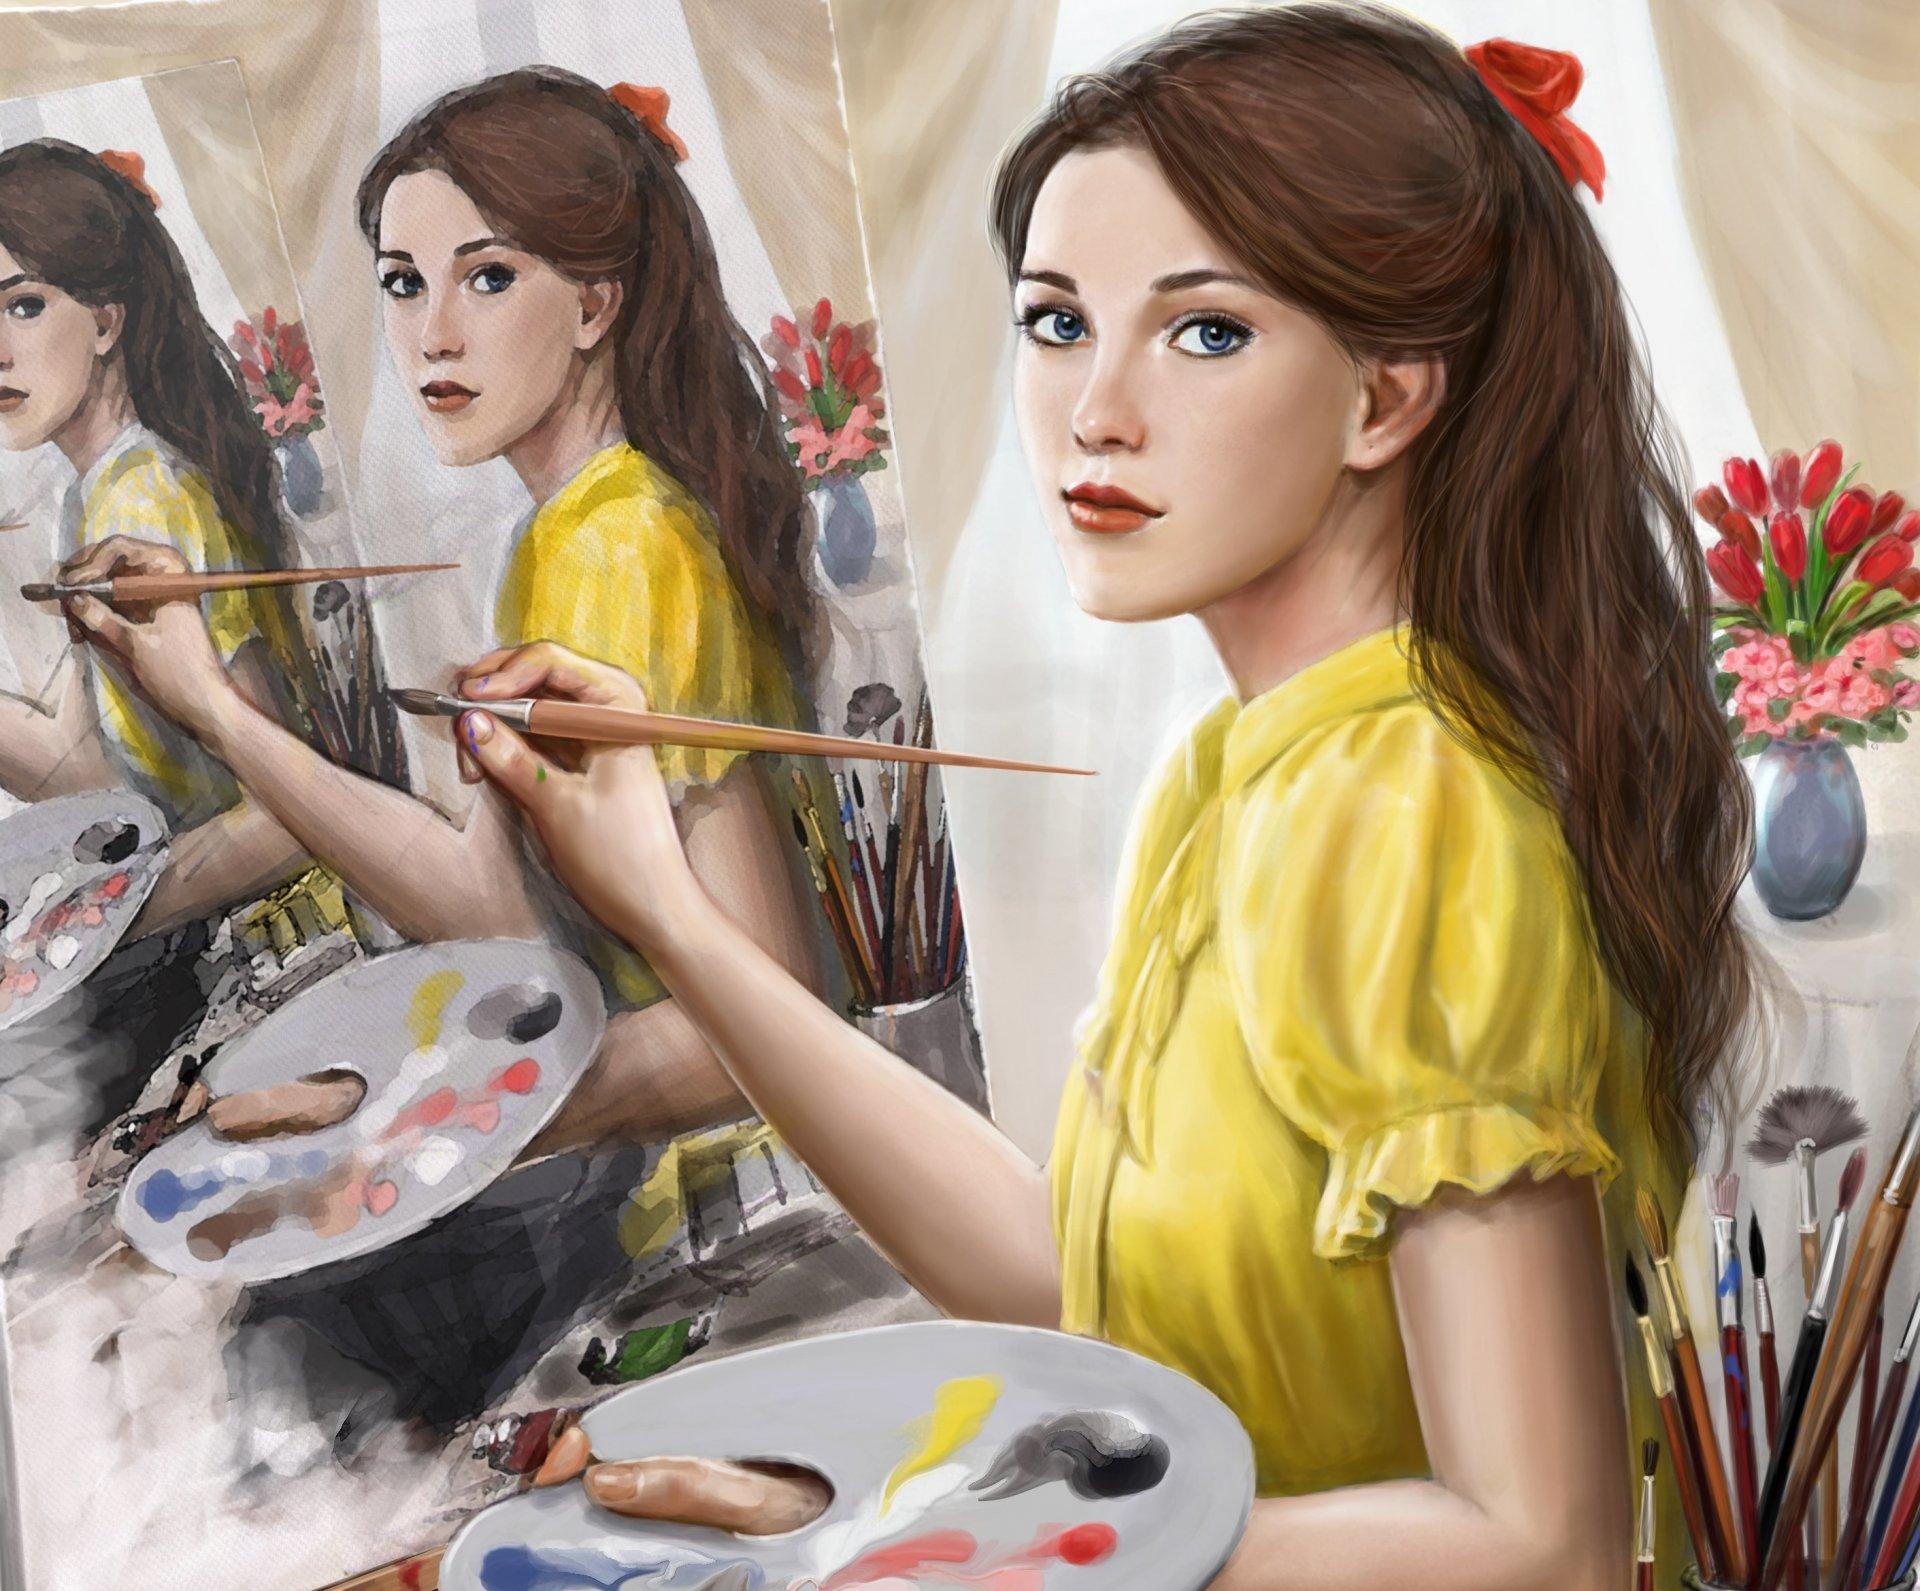 вечера профессиональные рисунки девушек хорошо